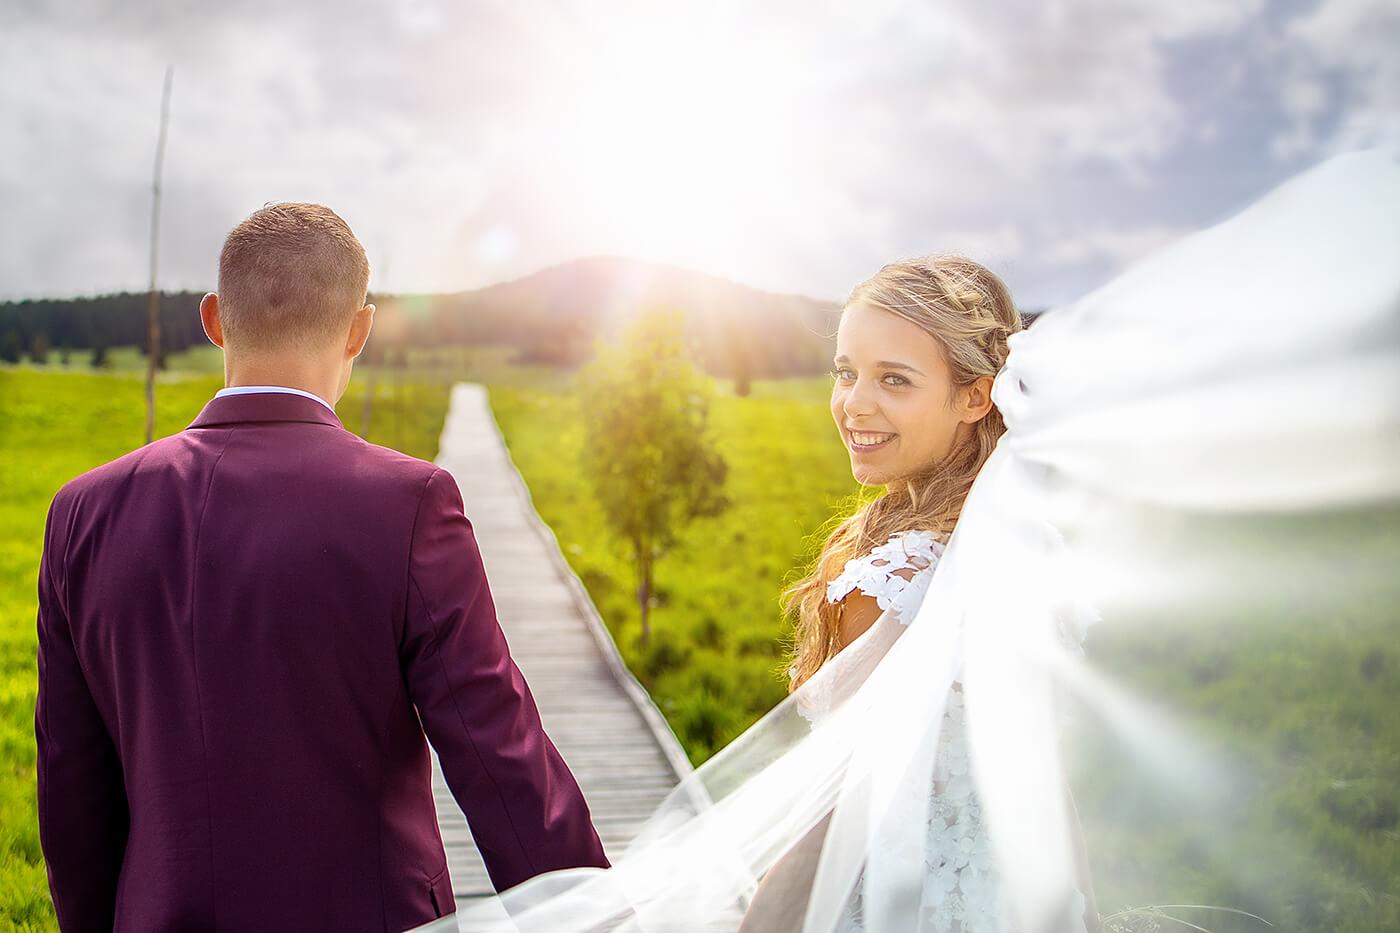 Hochzeit-Fotograf-Sachen-Annaberg-Buchholz.jpg